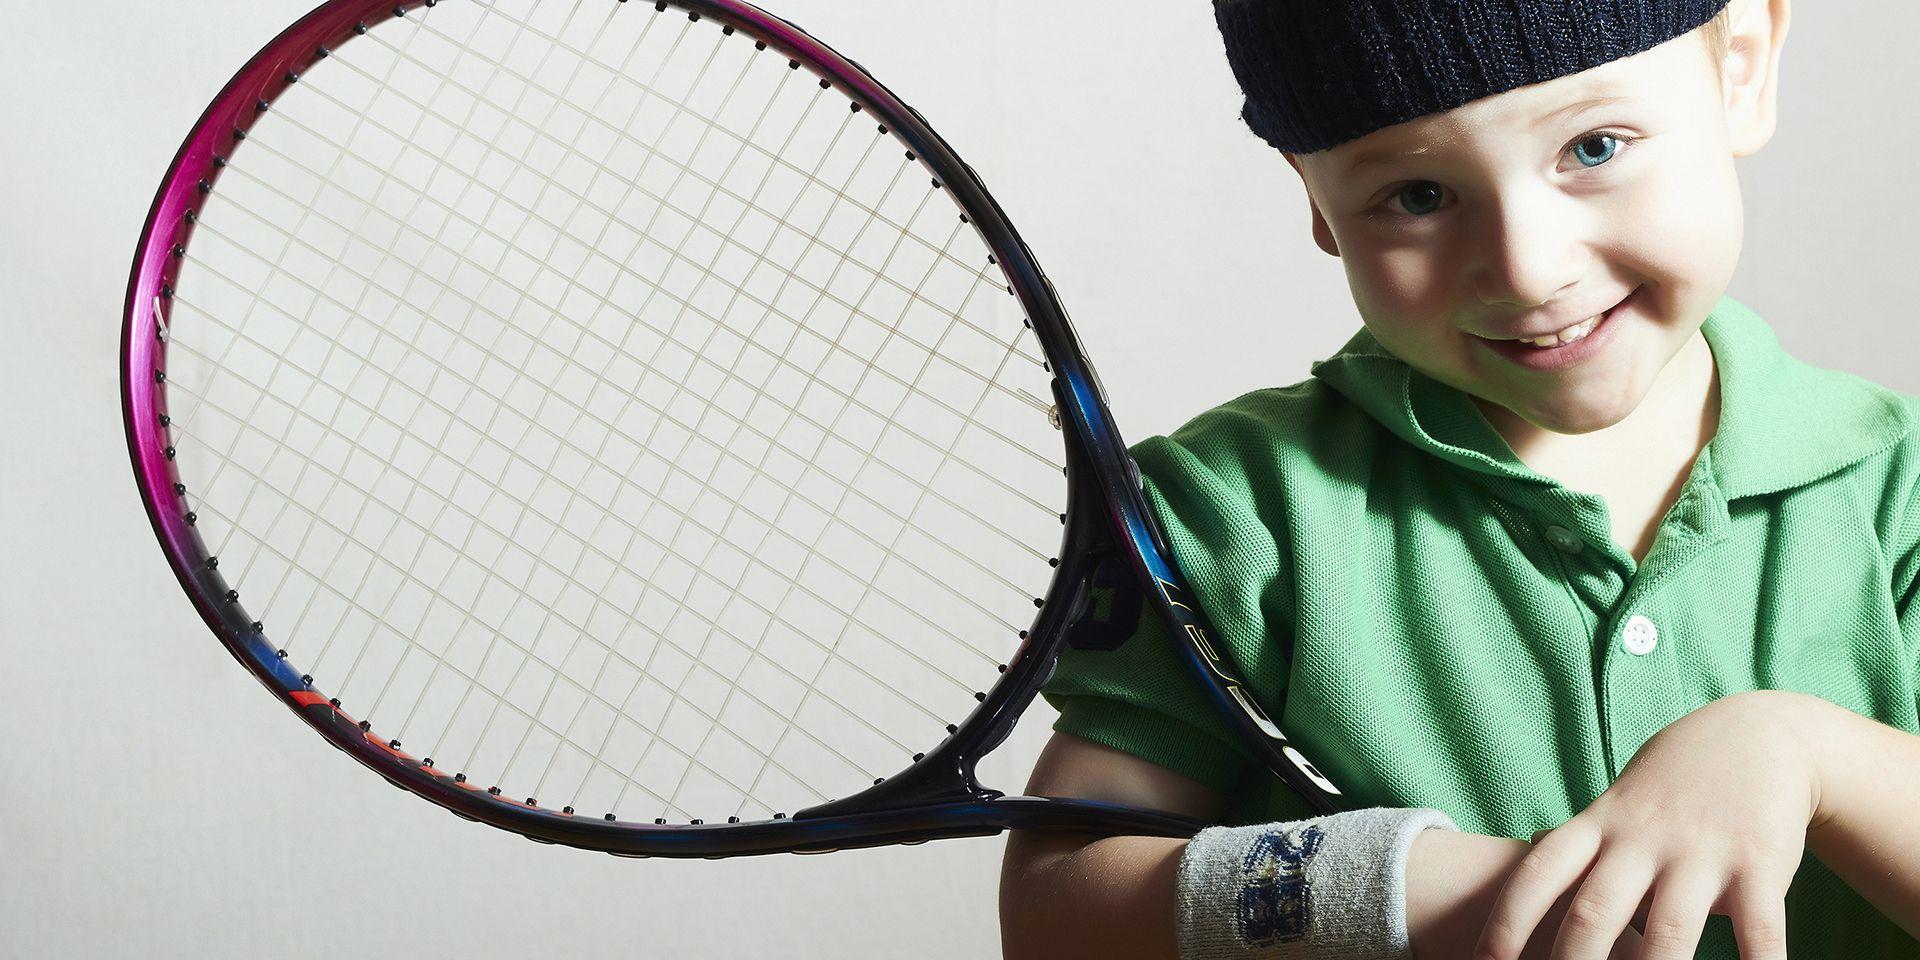 tennis_slider_02_1920x800px